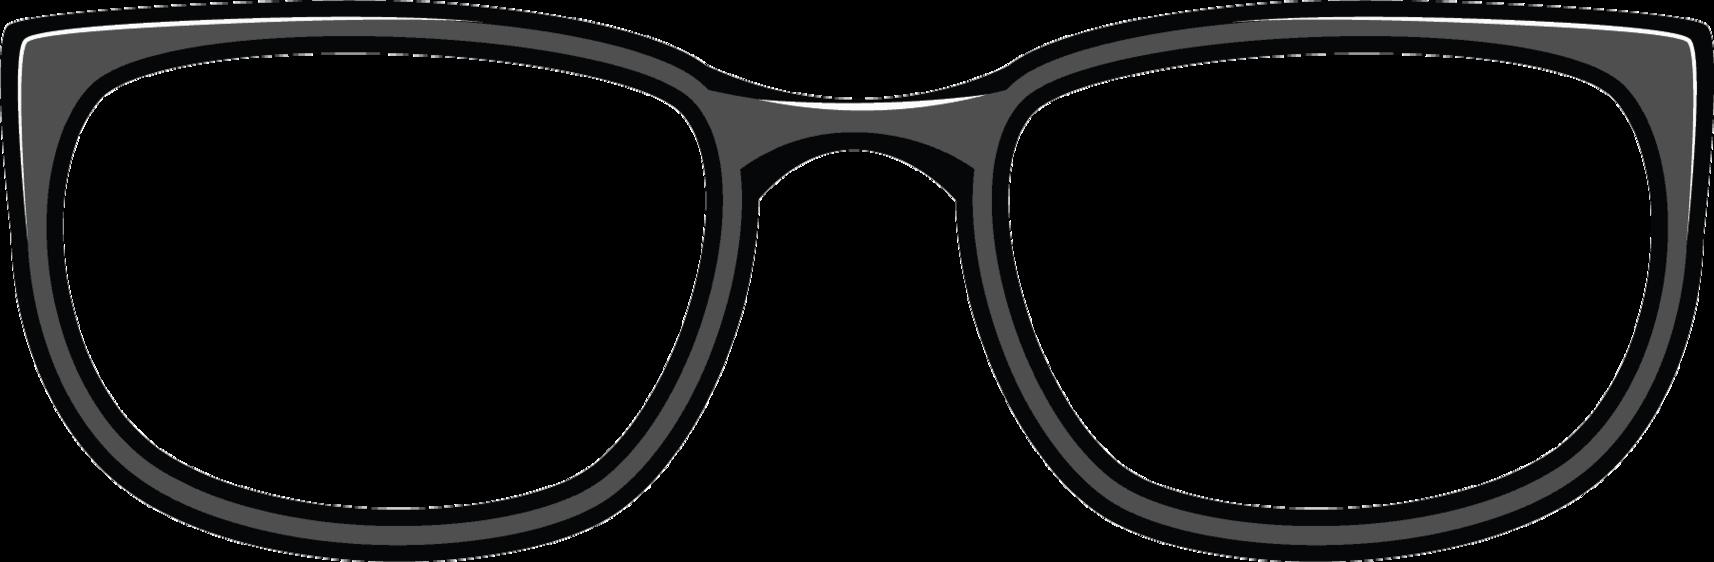 Glasses Clip Art. e7a073c8cdd0a9cb2e475951695bff .